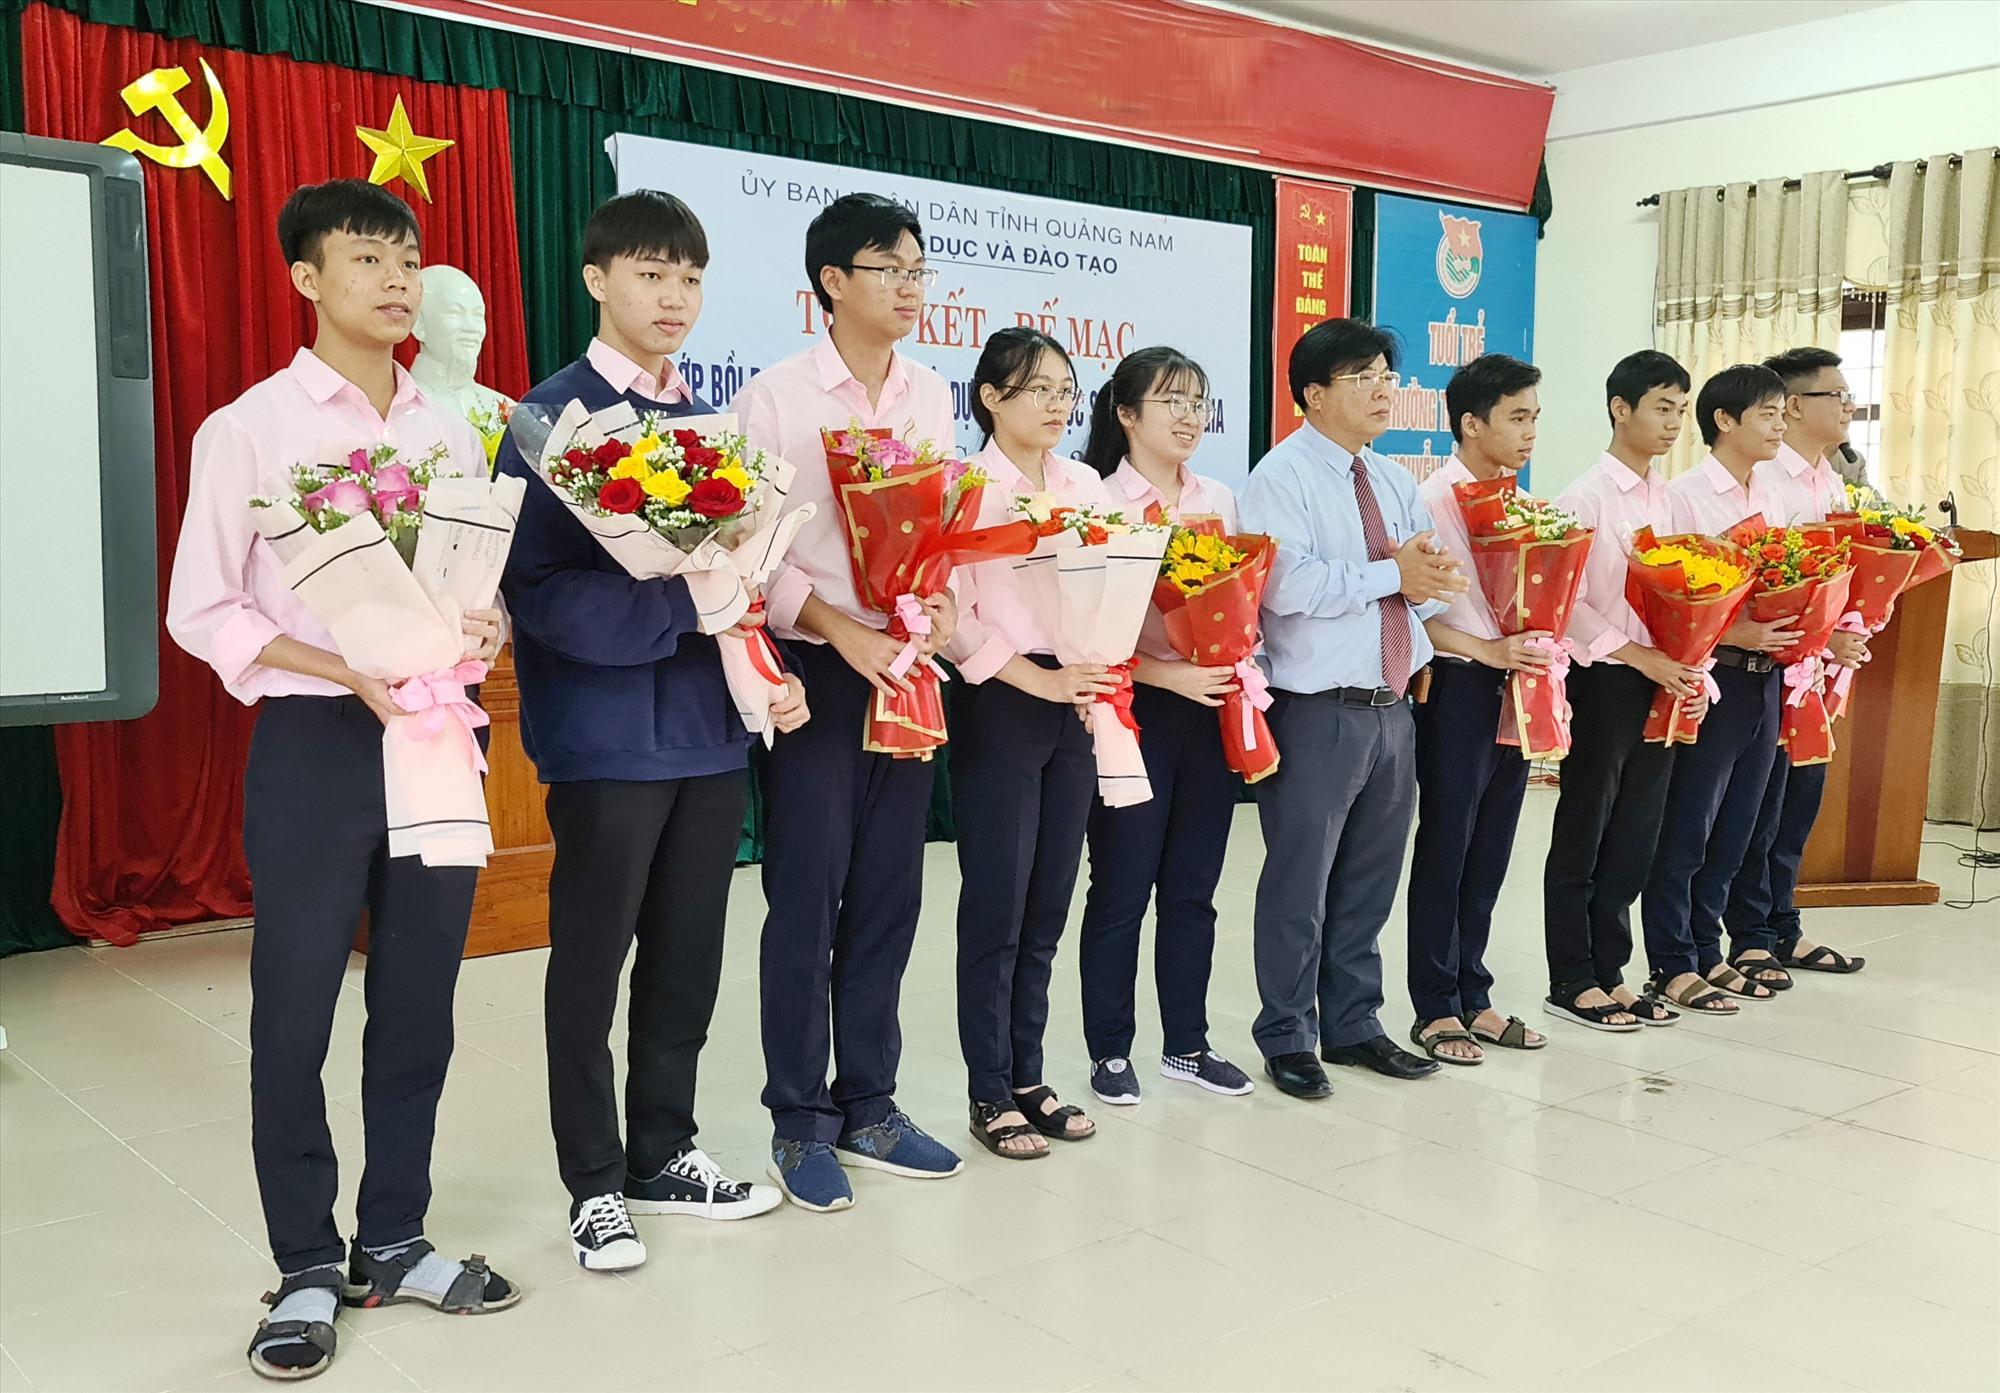 Giám đốc Sở GD-ĐT tặng hoa cho đại diện các đội tuyển. Ảnh: QUANG KHÔI